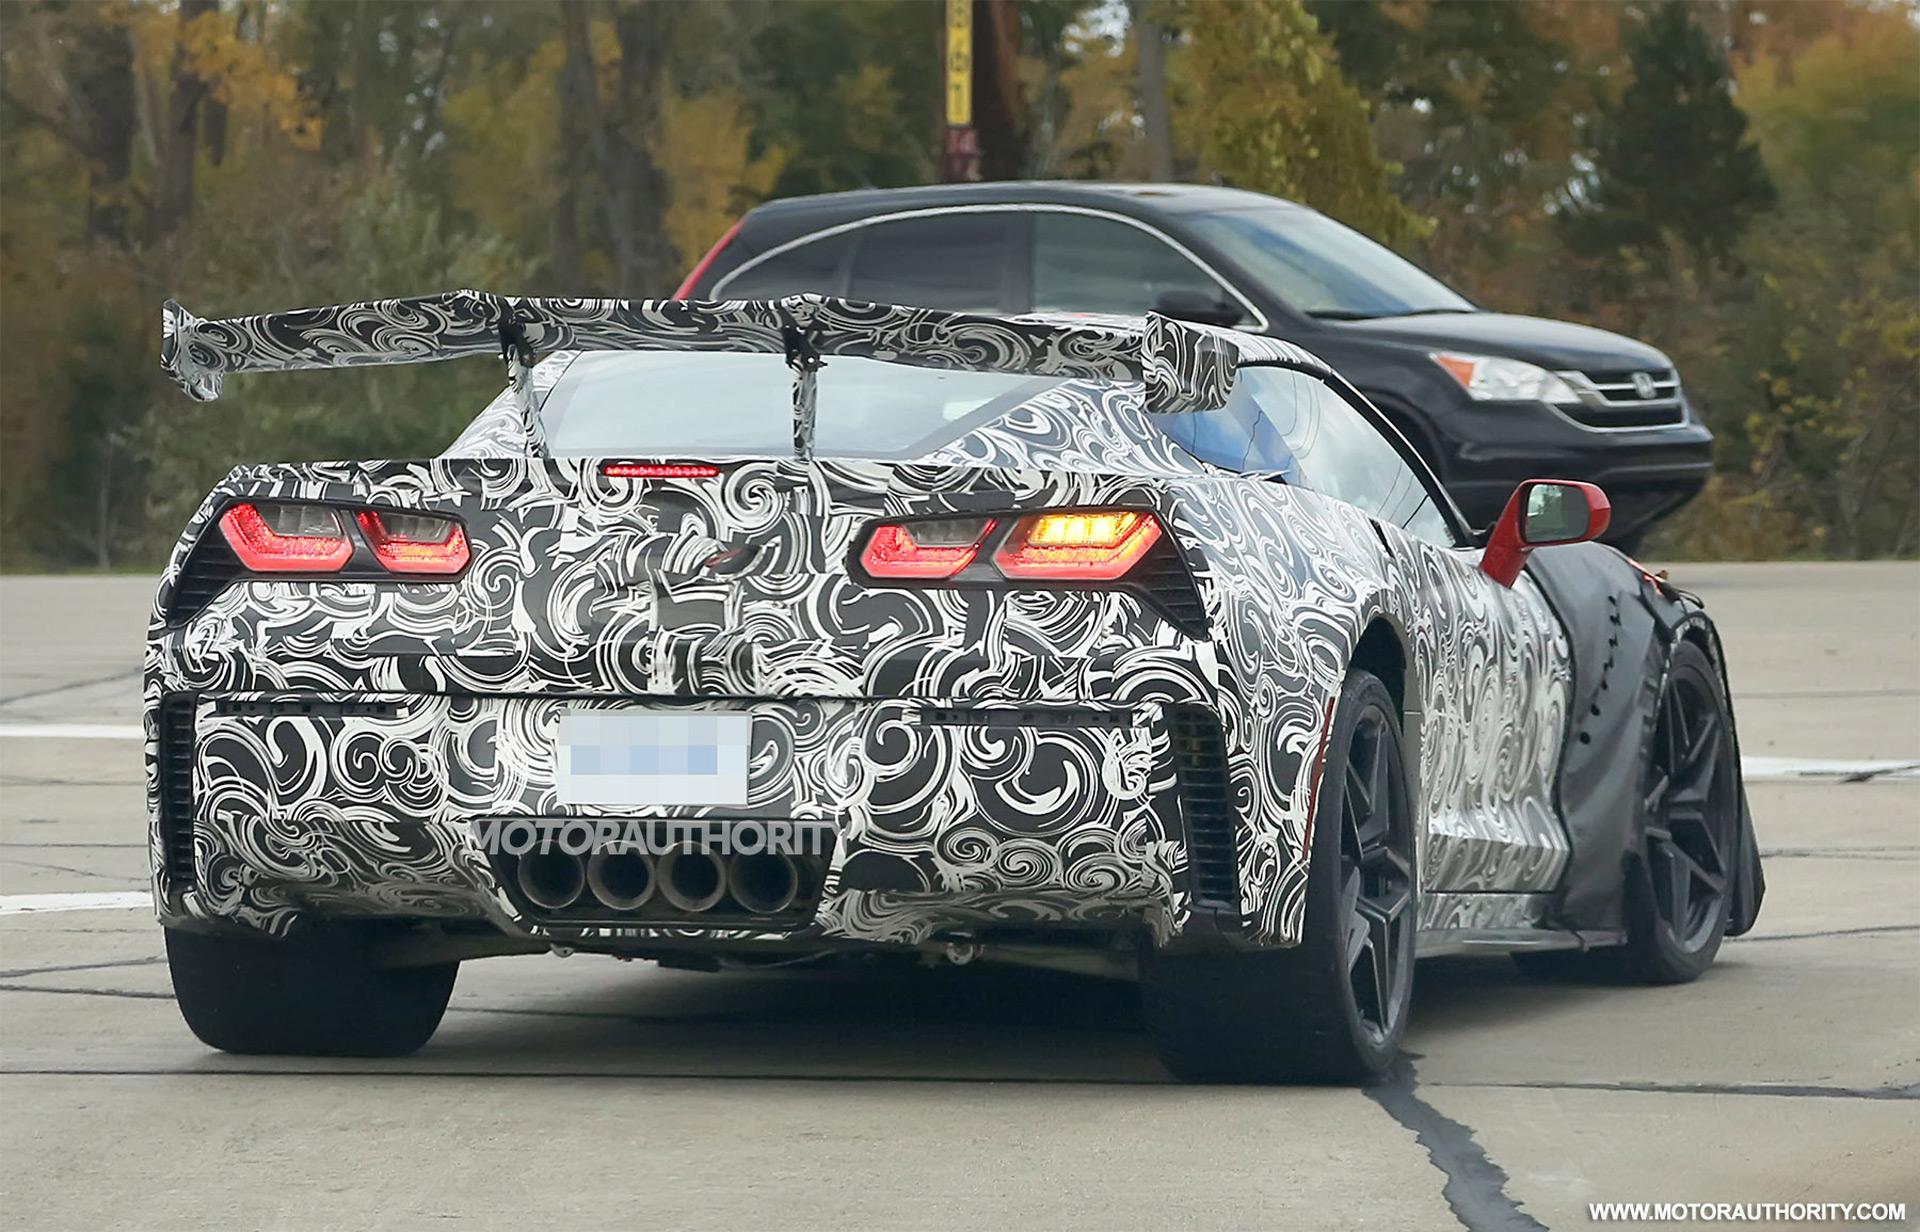 2017 Ford GT 2018 Chevy Corvette ZR1 2018 Hyundai Azera